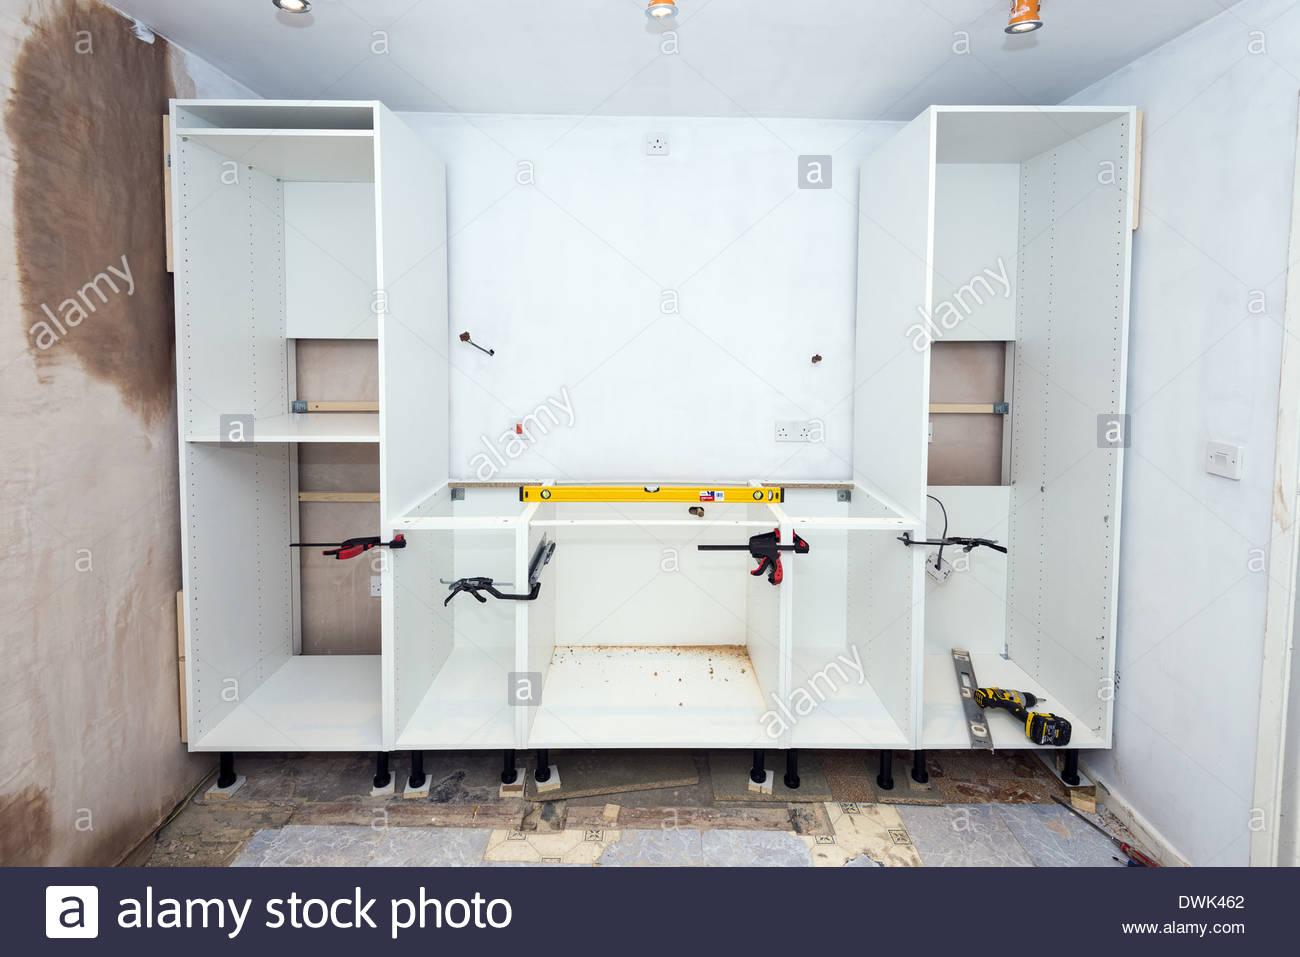 Full Size of Küche Diy Was Kostet Eine Neue Aufbewahrungssystem Schneidemaschine Kaufen Mit Elektrogeräten Hängeschrank Glastüren Vorhänge Rosa Regal Planen Kostenlos Wohnzimmer Küche Diy